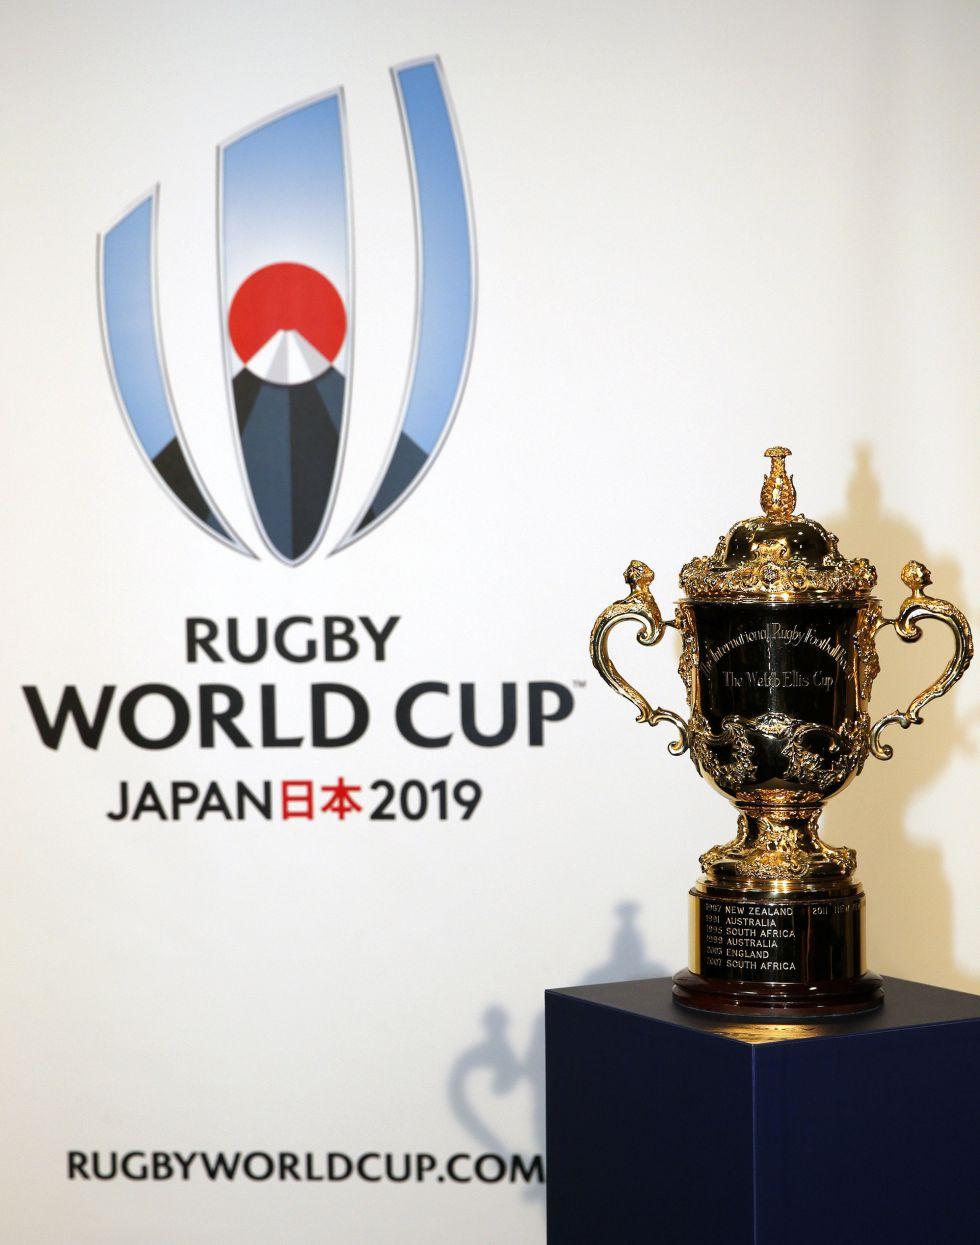 Calendario Mundial Rugby Japon 2019.Rugby Copa Del Mundo 2019 Japon Presenta El Logo Y Las